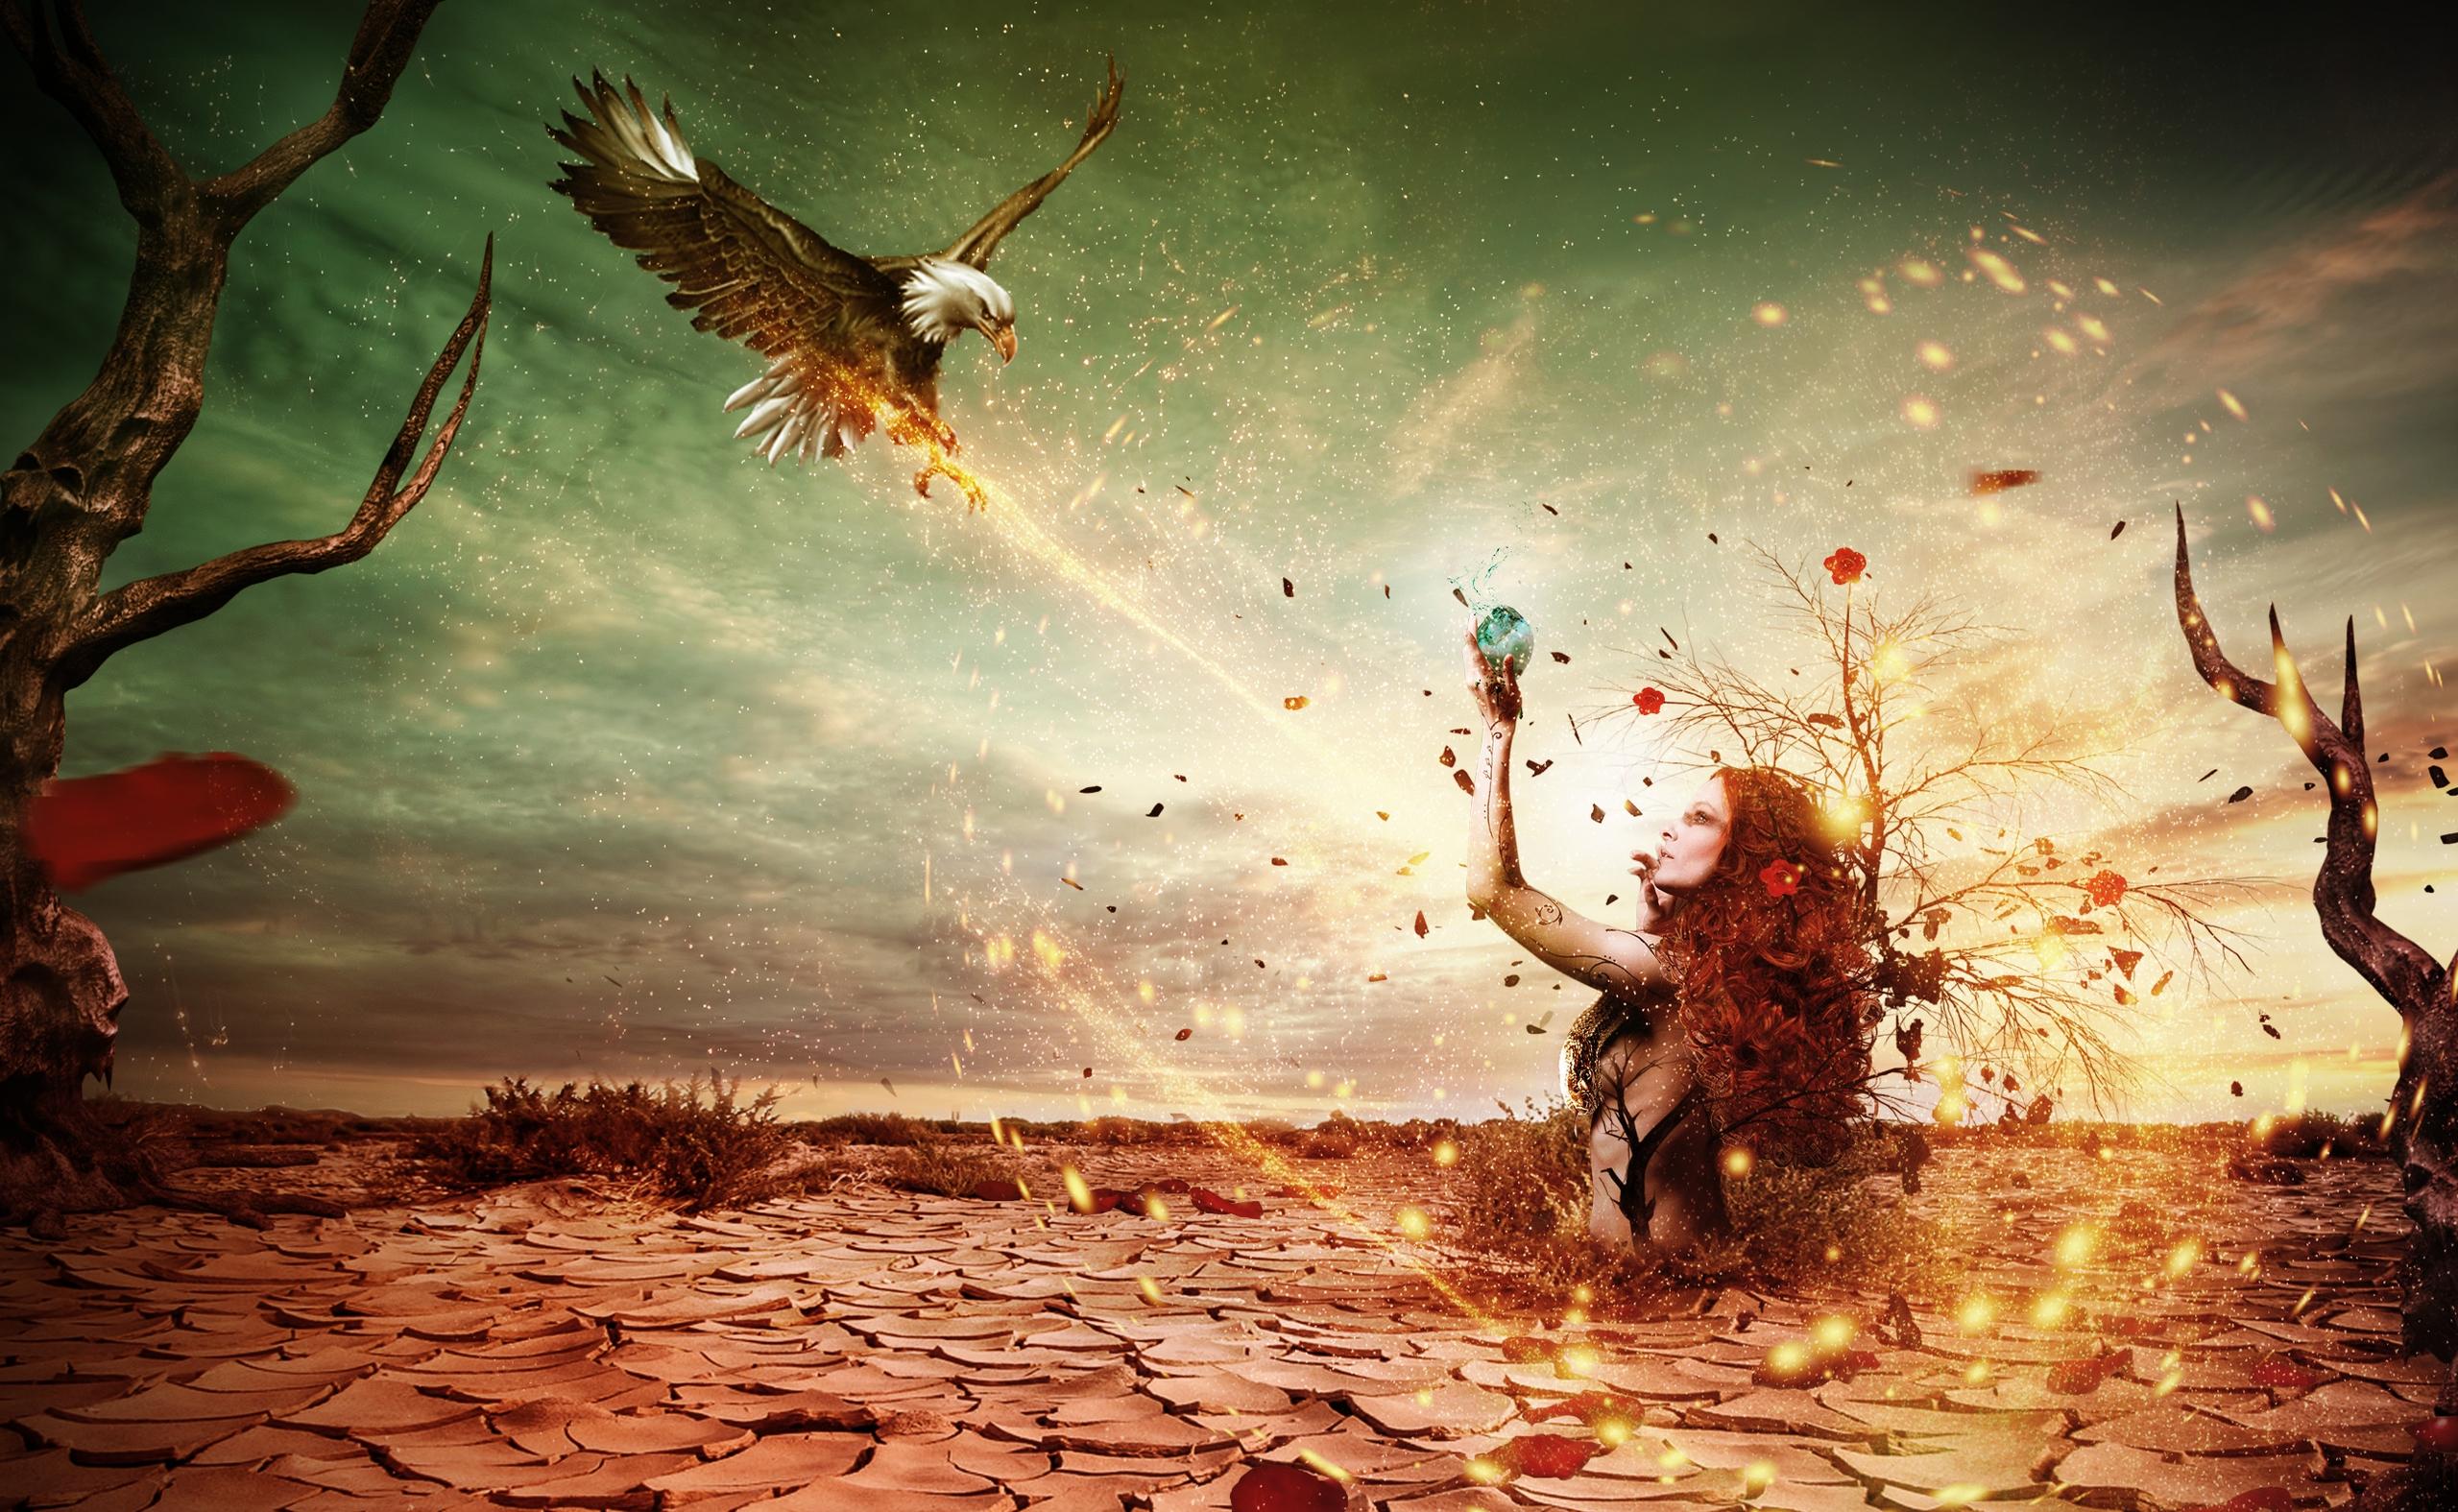 Heart Earth, inspiration wonder - jennyr_dg | ello